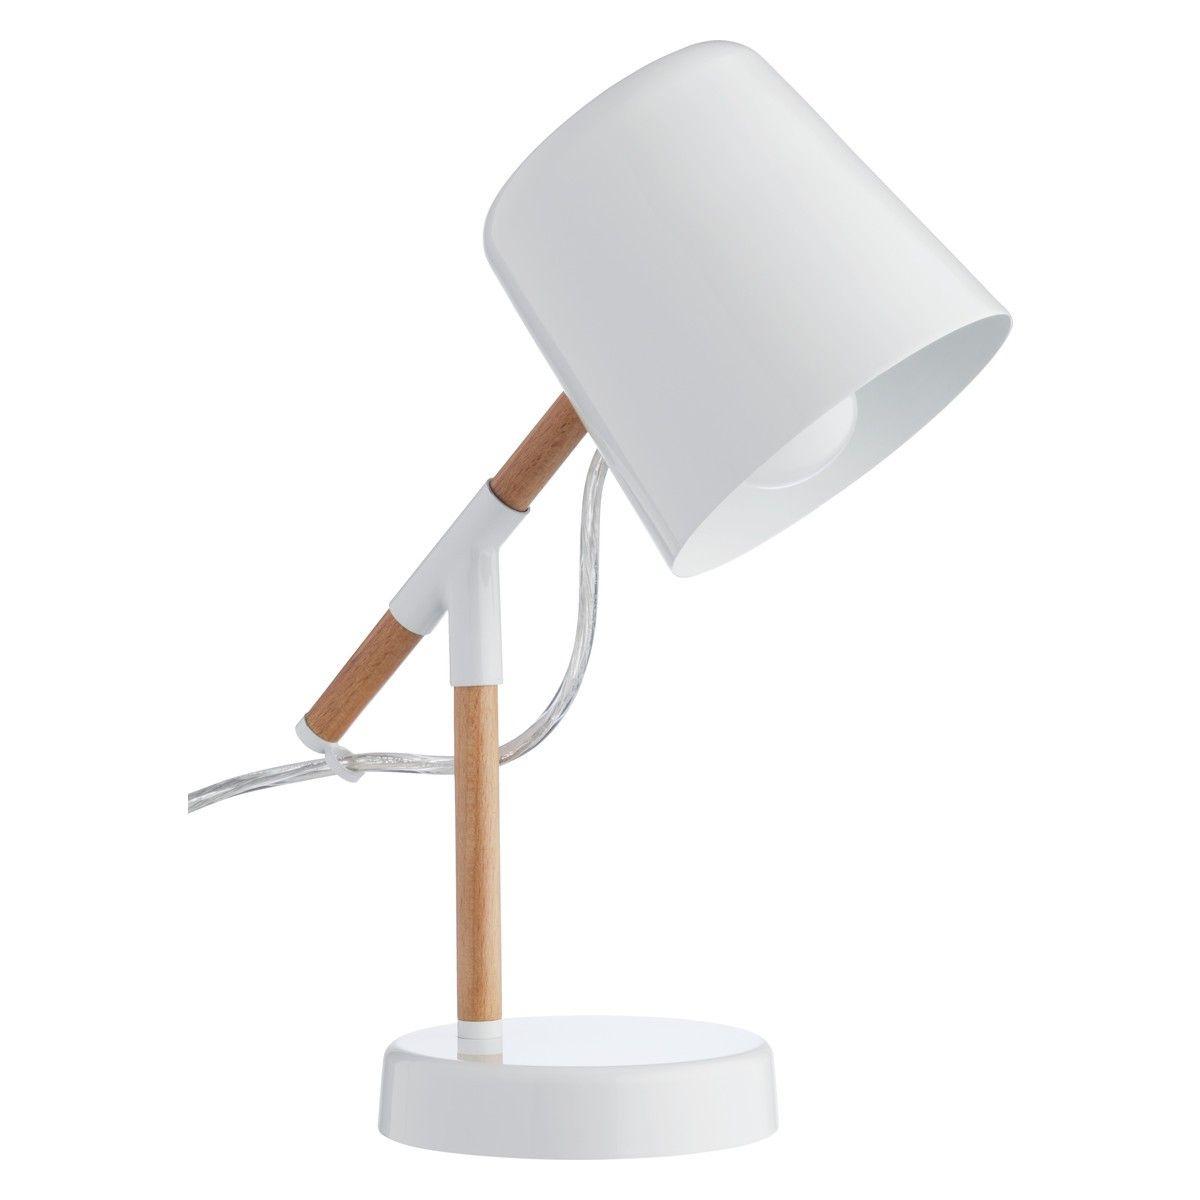 Wooden desk lamp - Peeta White Metal And Wood Desk Lamp